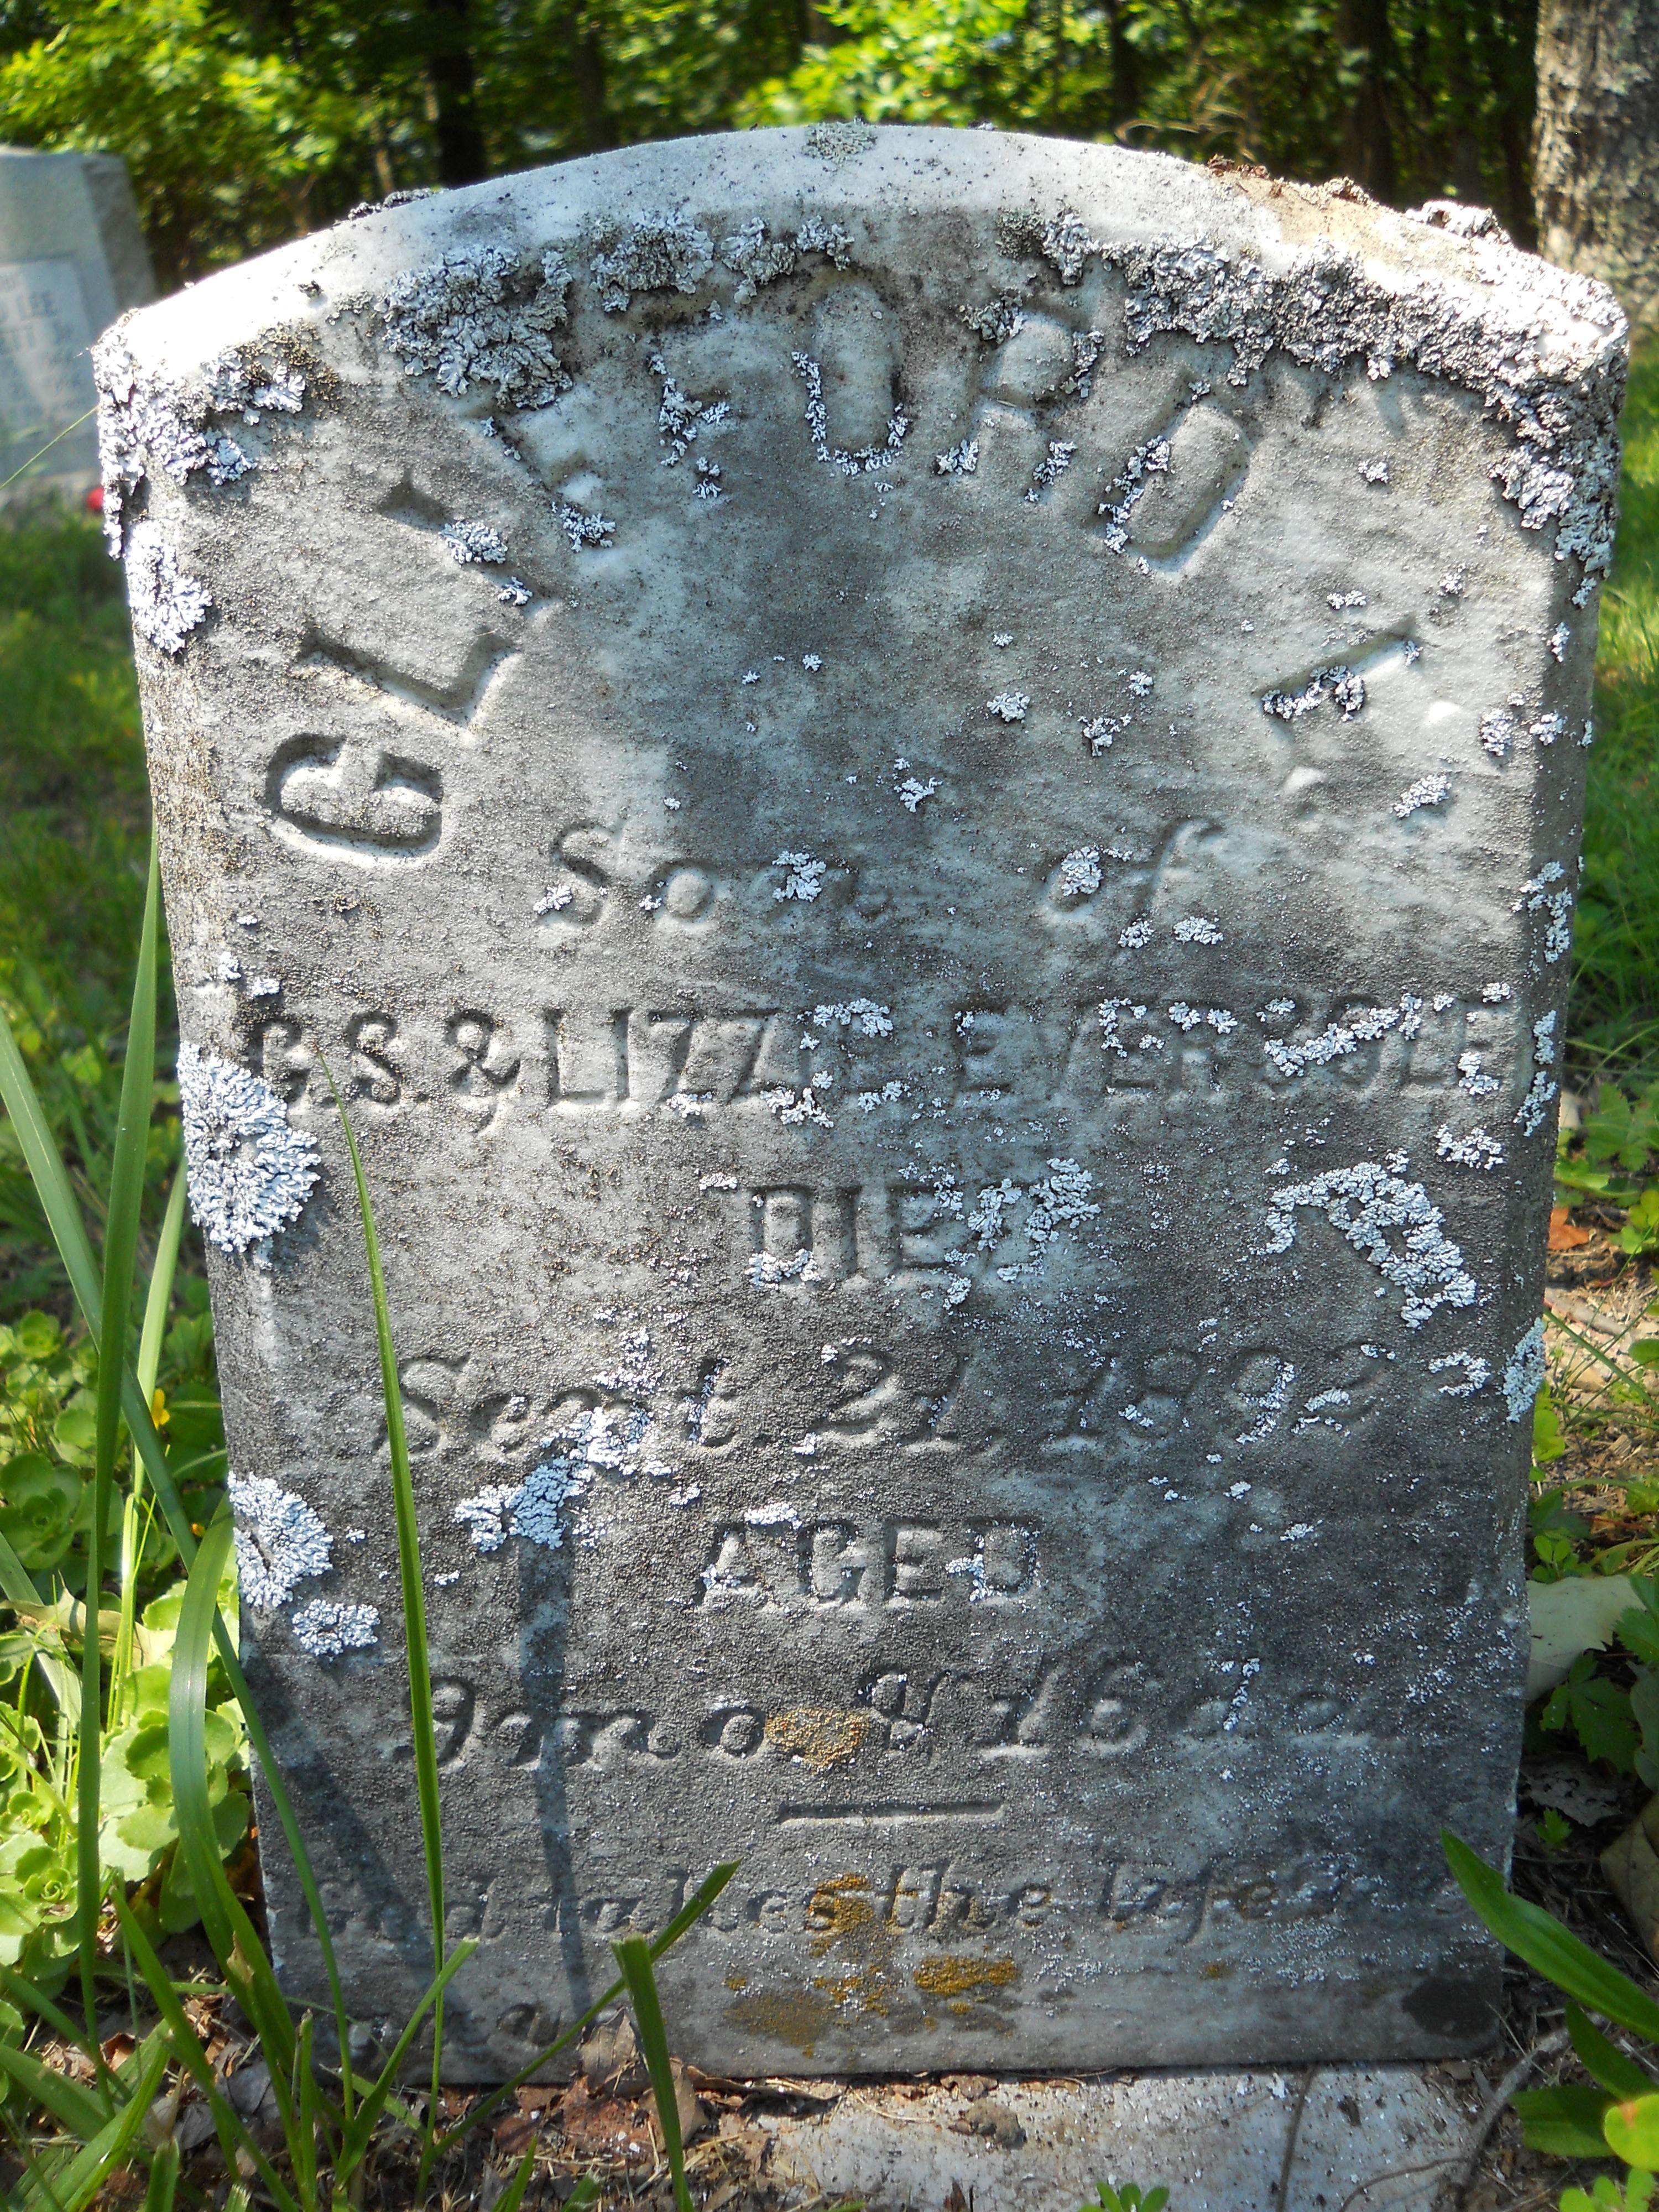 Clifford E. Eversole